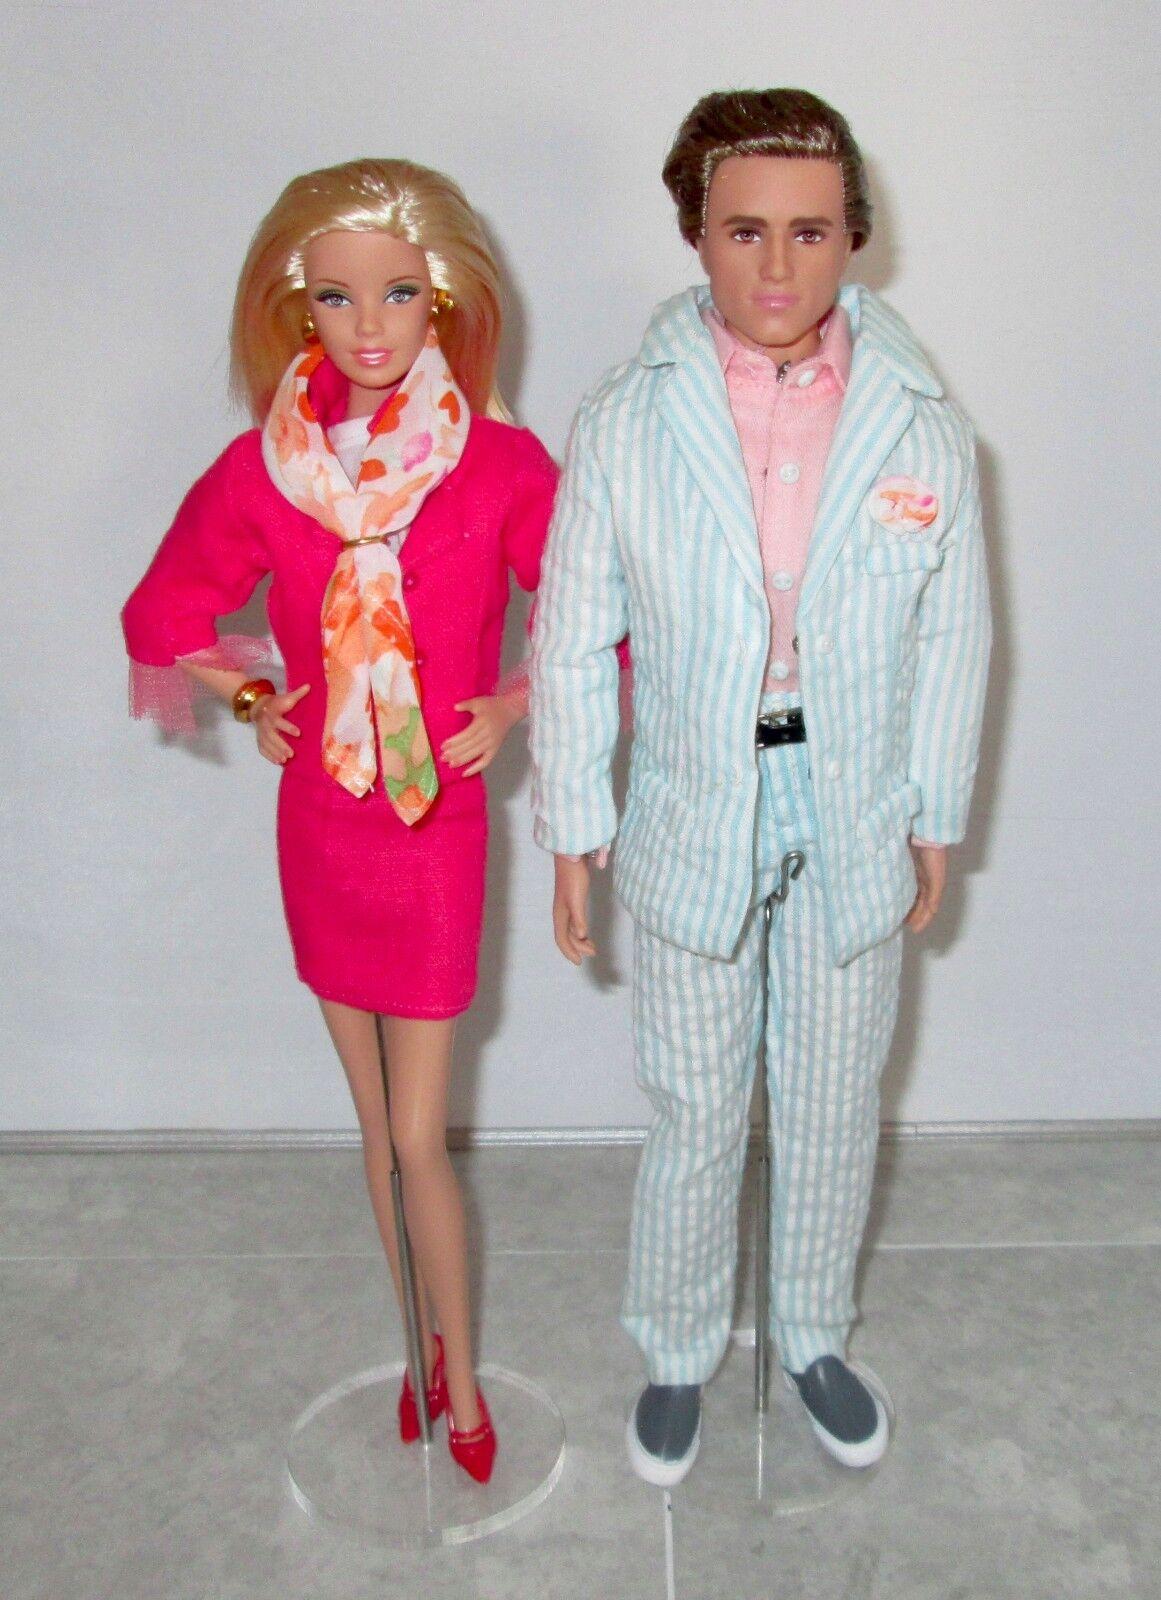 Tema De Boda kenvention par de Barbie y Ken pieza central de luna de miel